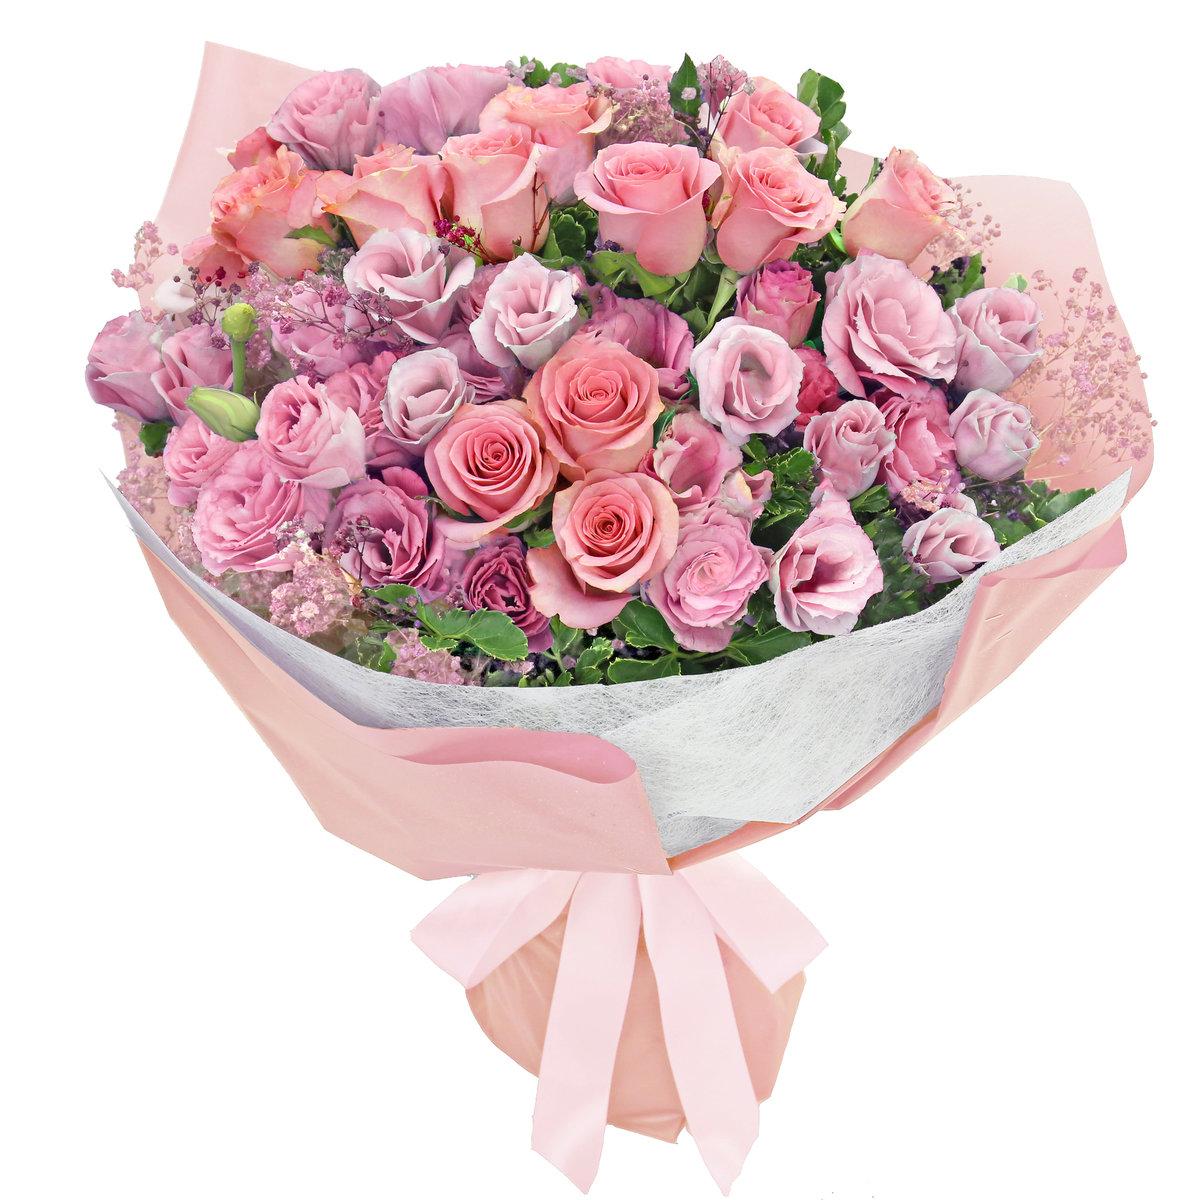 粉色玫瑰花束